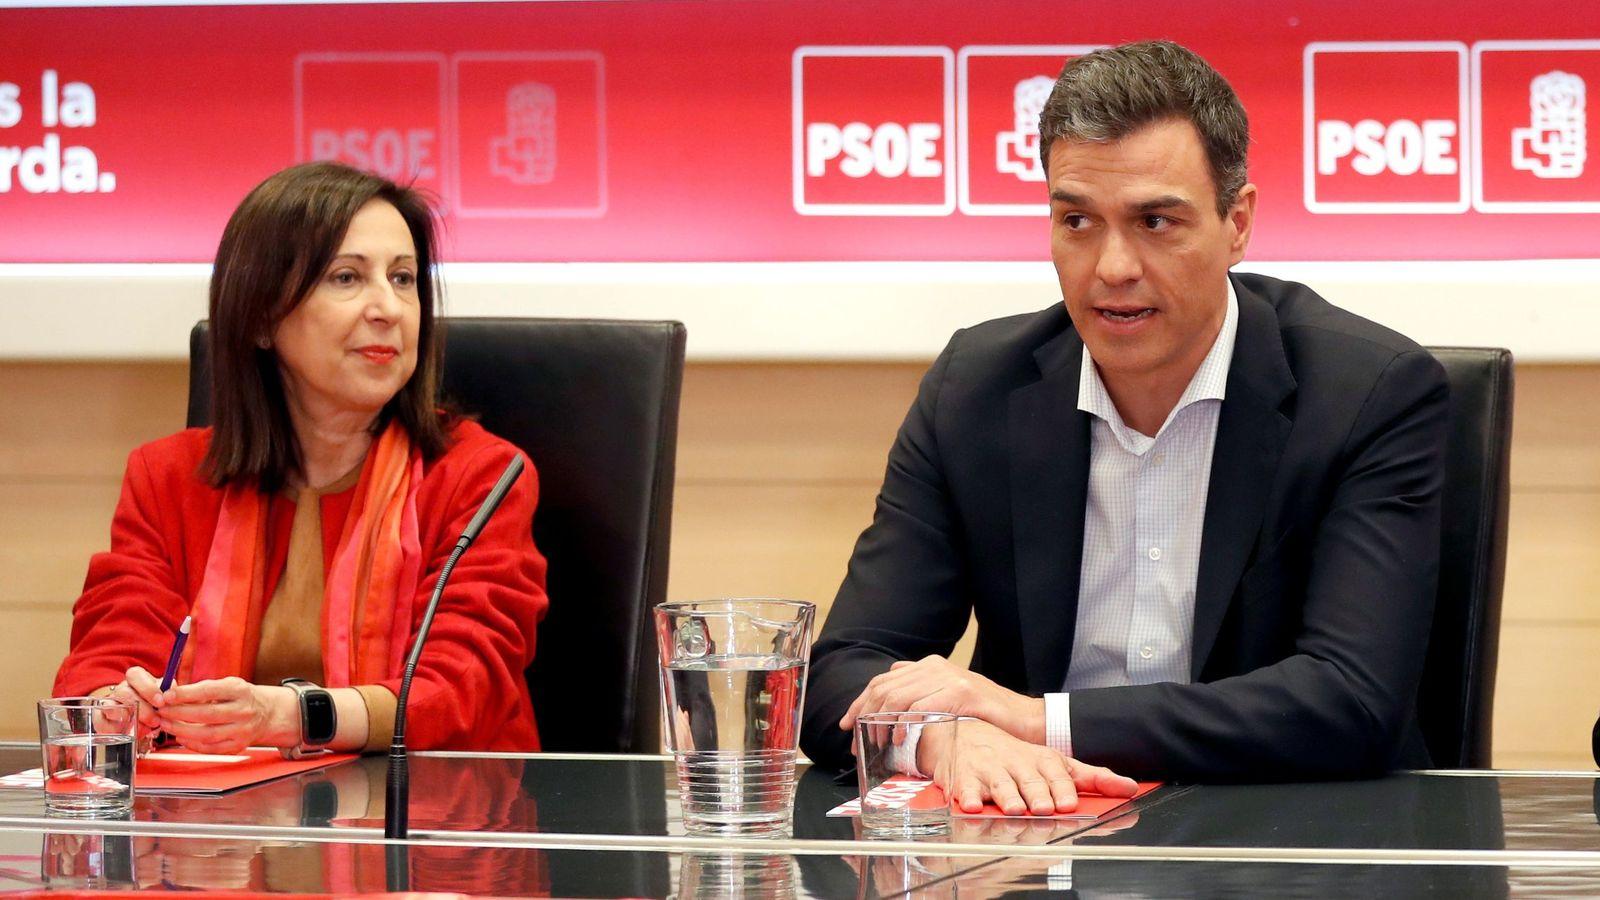 Golpe al Gobierno: aparece un informe que acaba en denuncia penal contra 'El País' y Margarita Robles